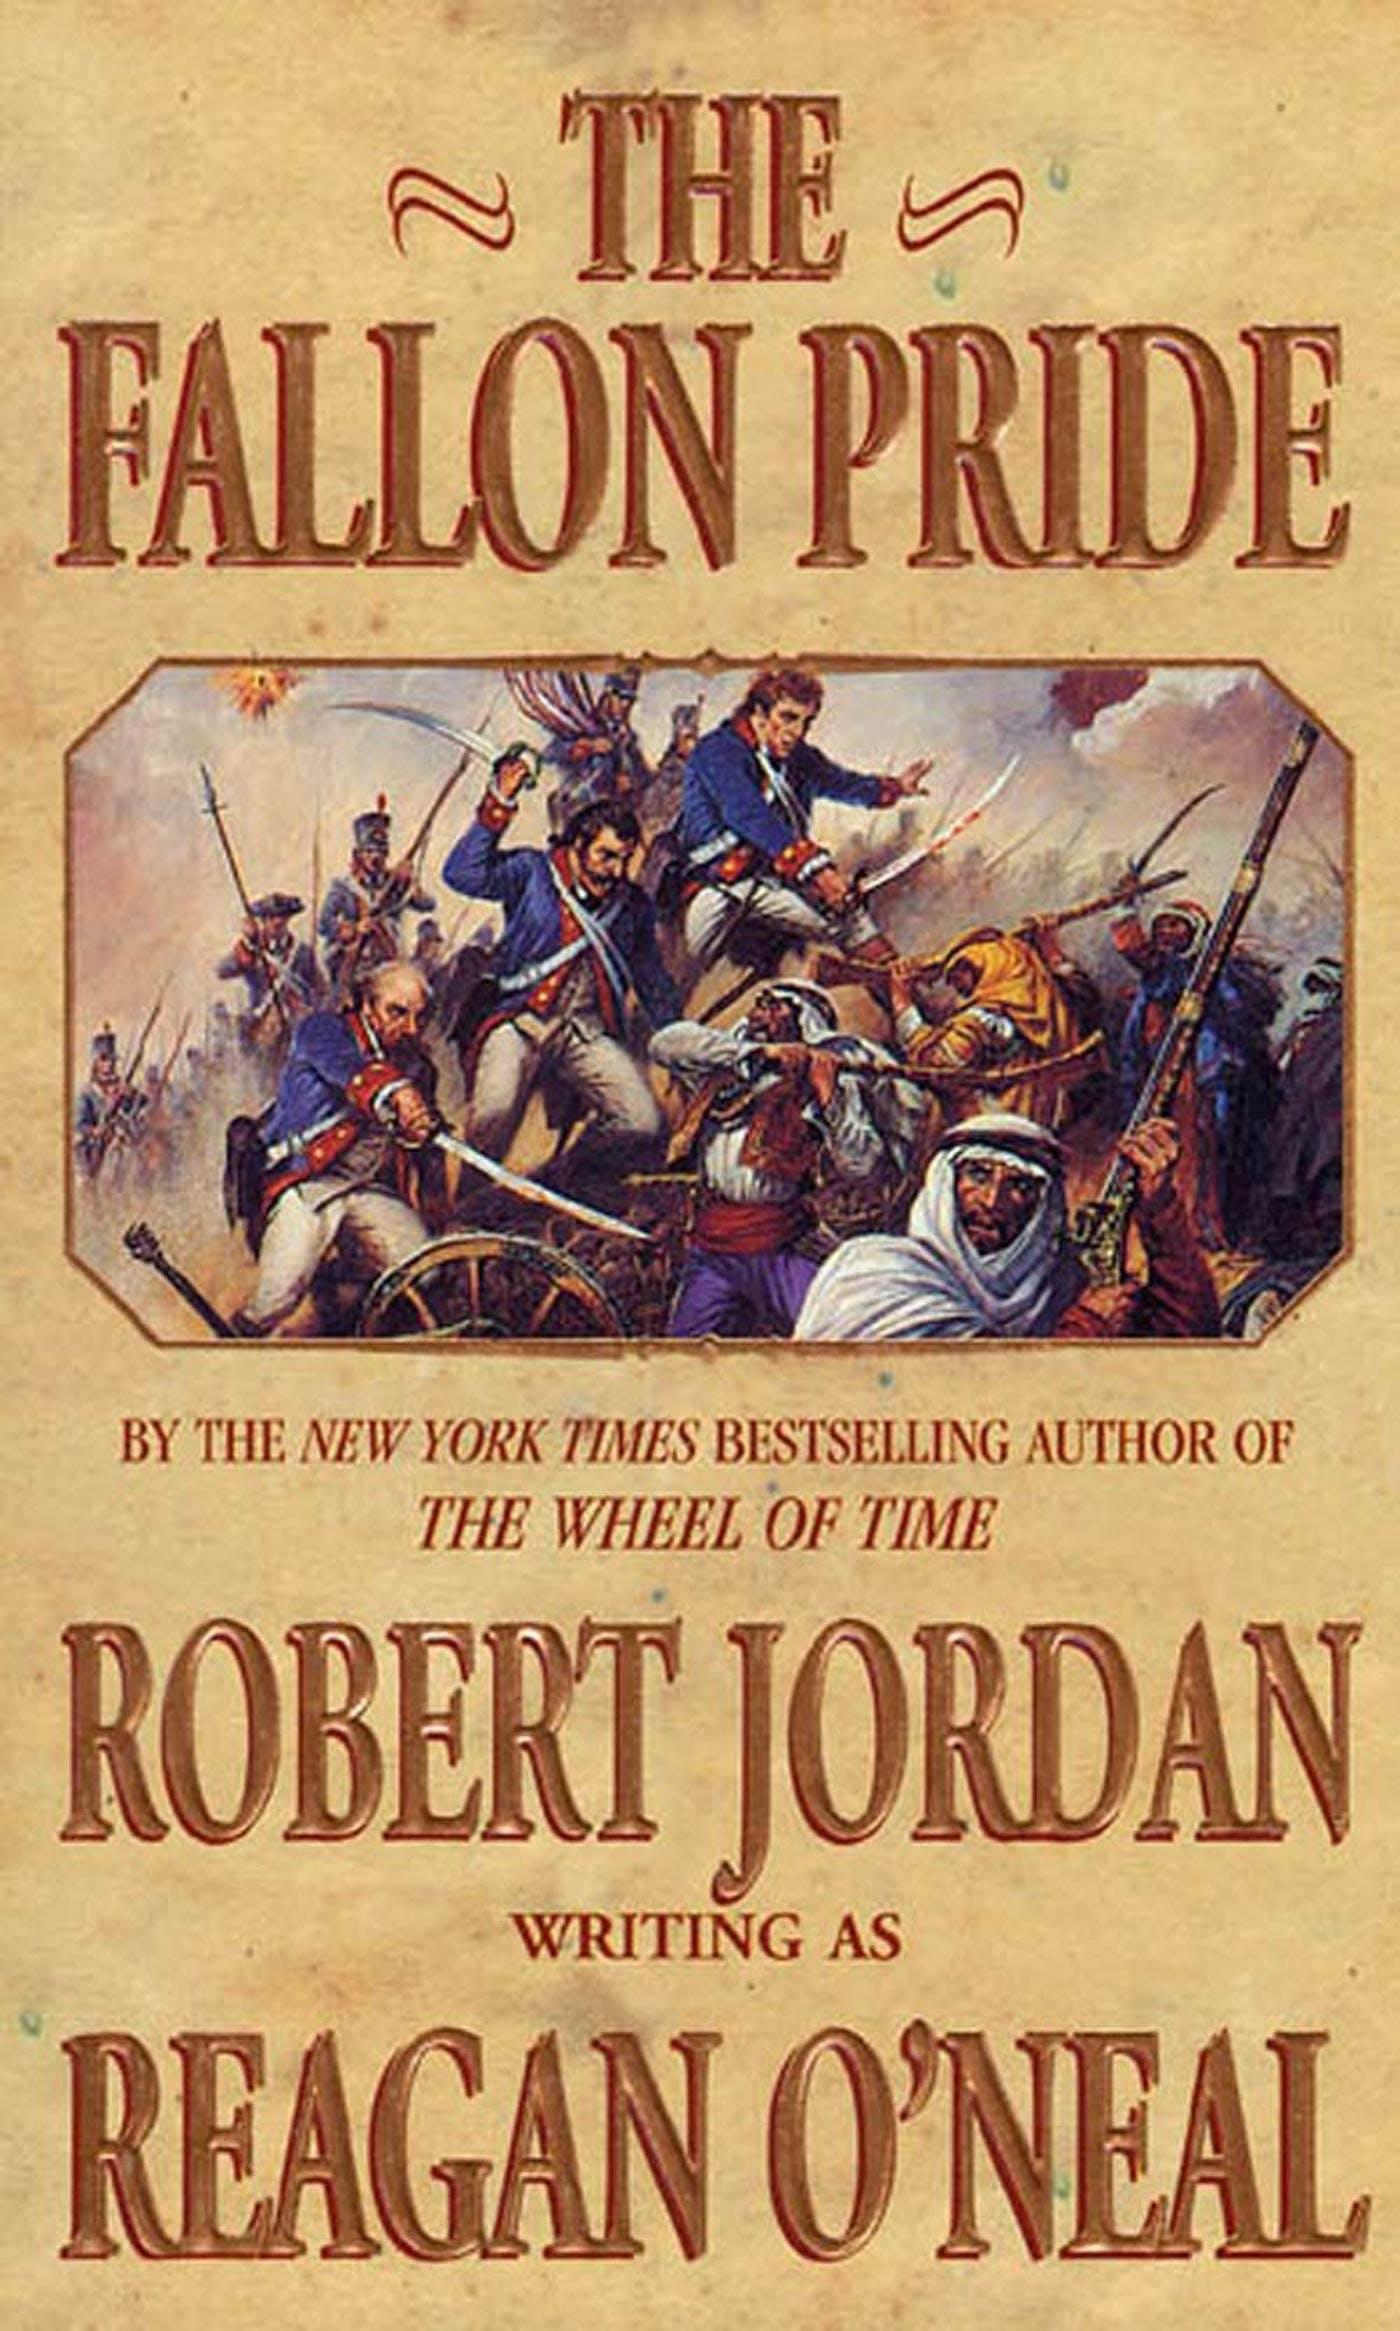 Image of The Fallon Pride